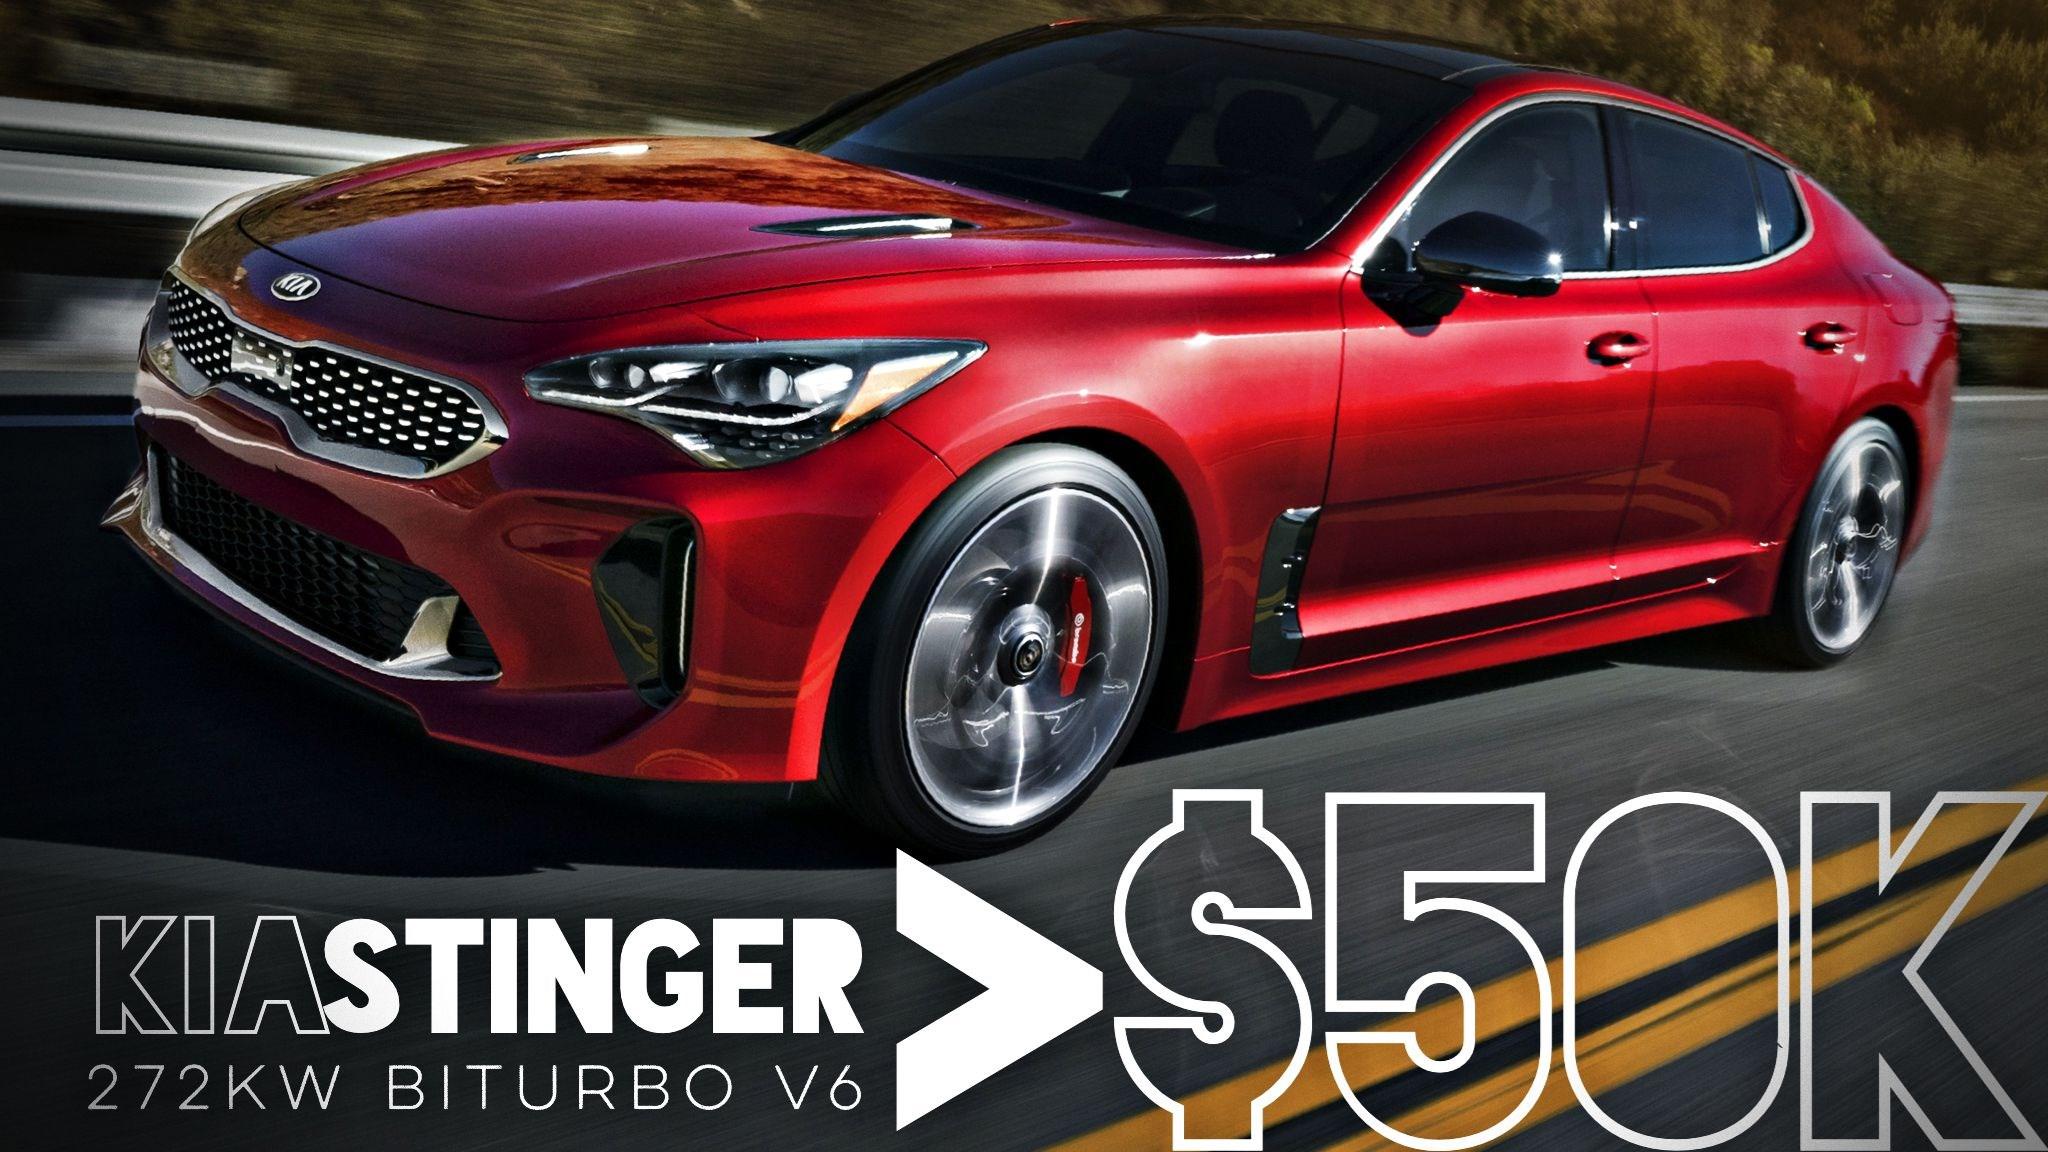 2018 Kia Stinger V6 Priced From $48,990